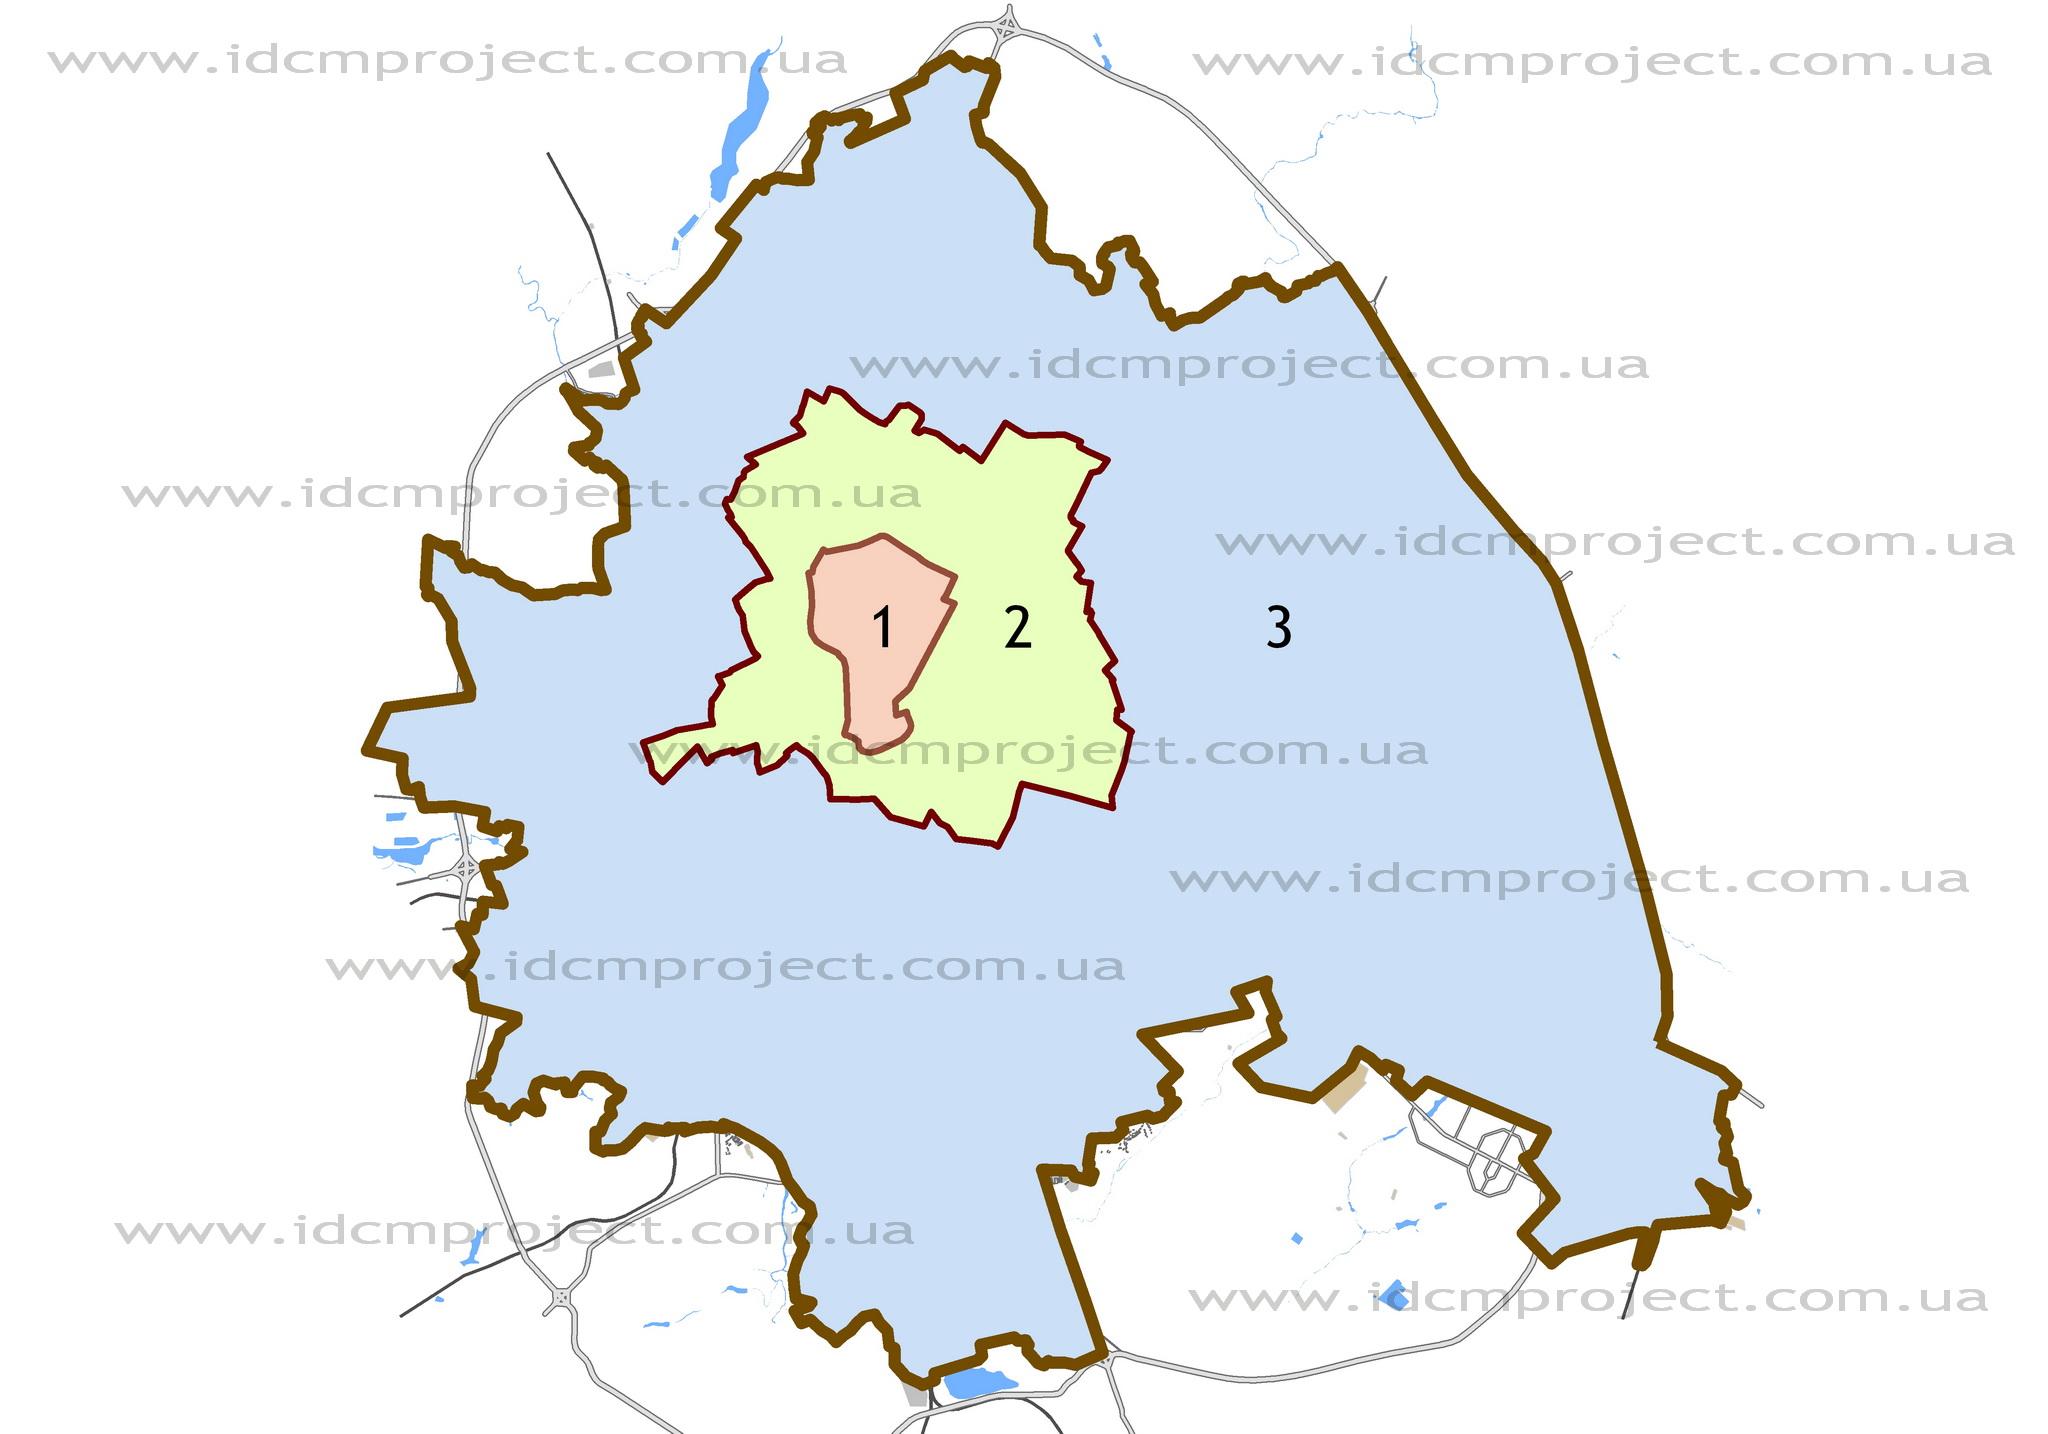 Город Харьков делится по удаленности на три района – центральный район, приближенный к центру район и удаленный район.